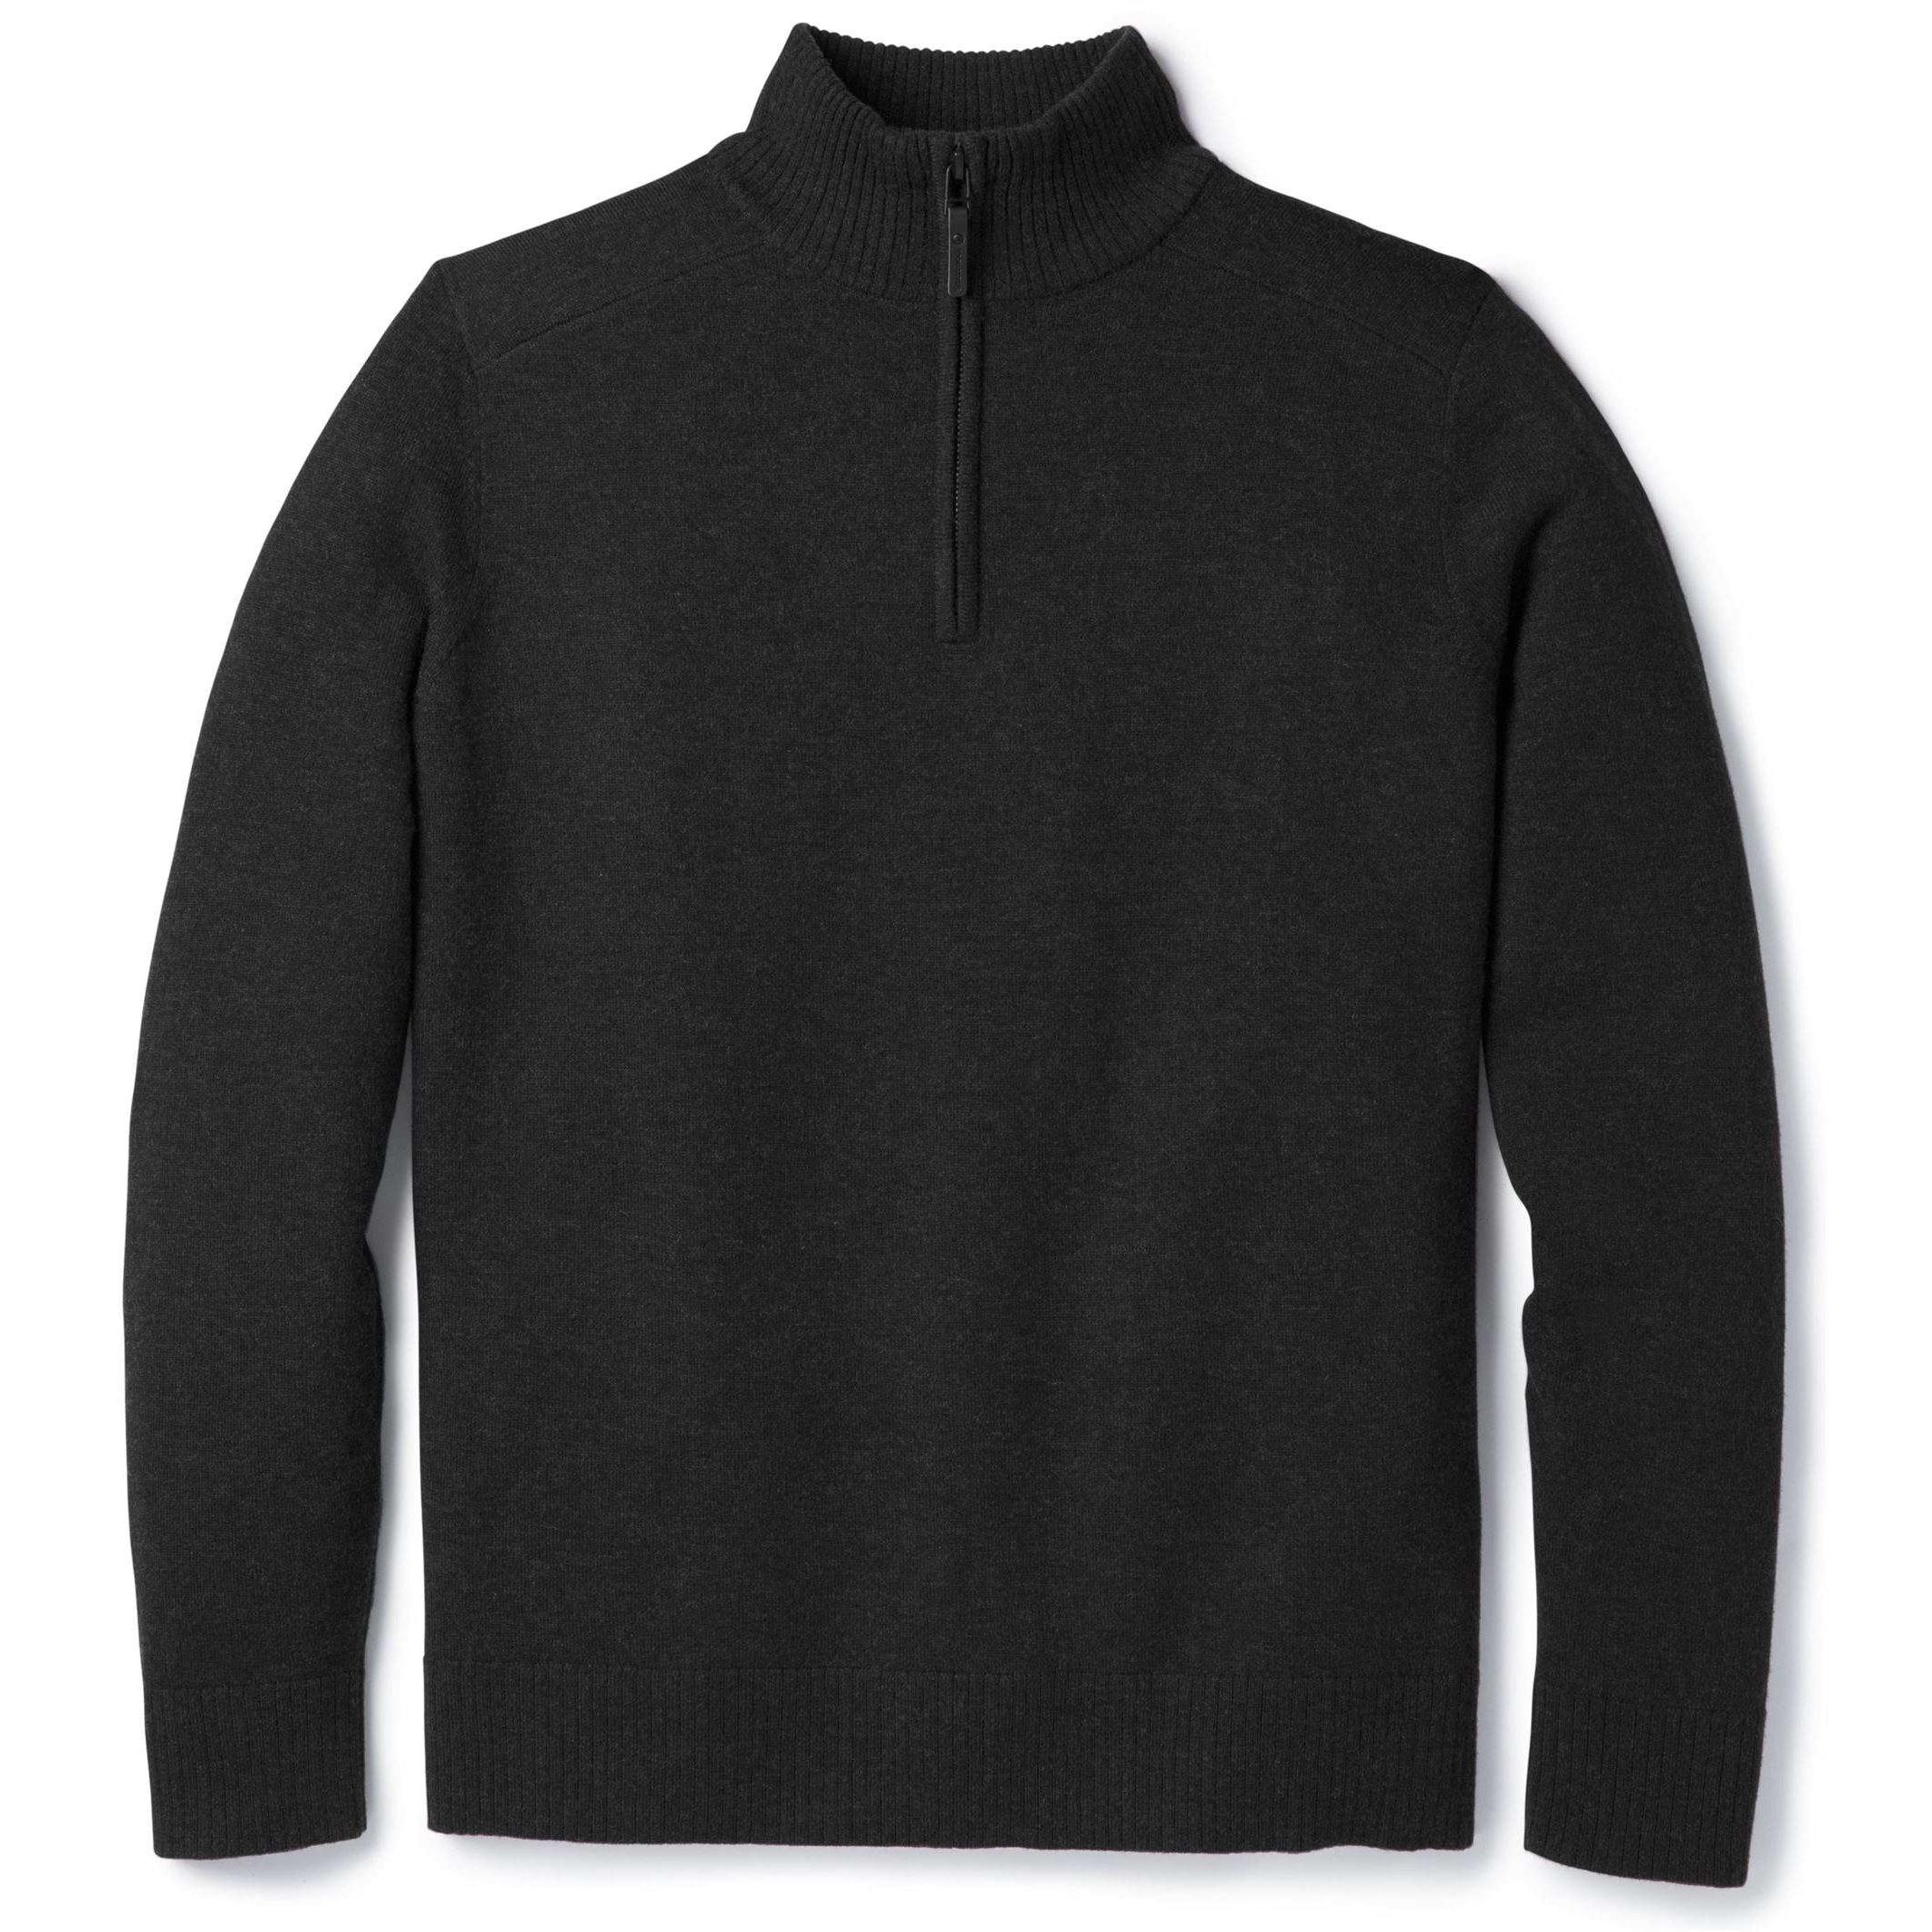 Sparwood Half Zip Sweater - Men's